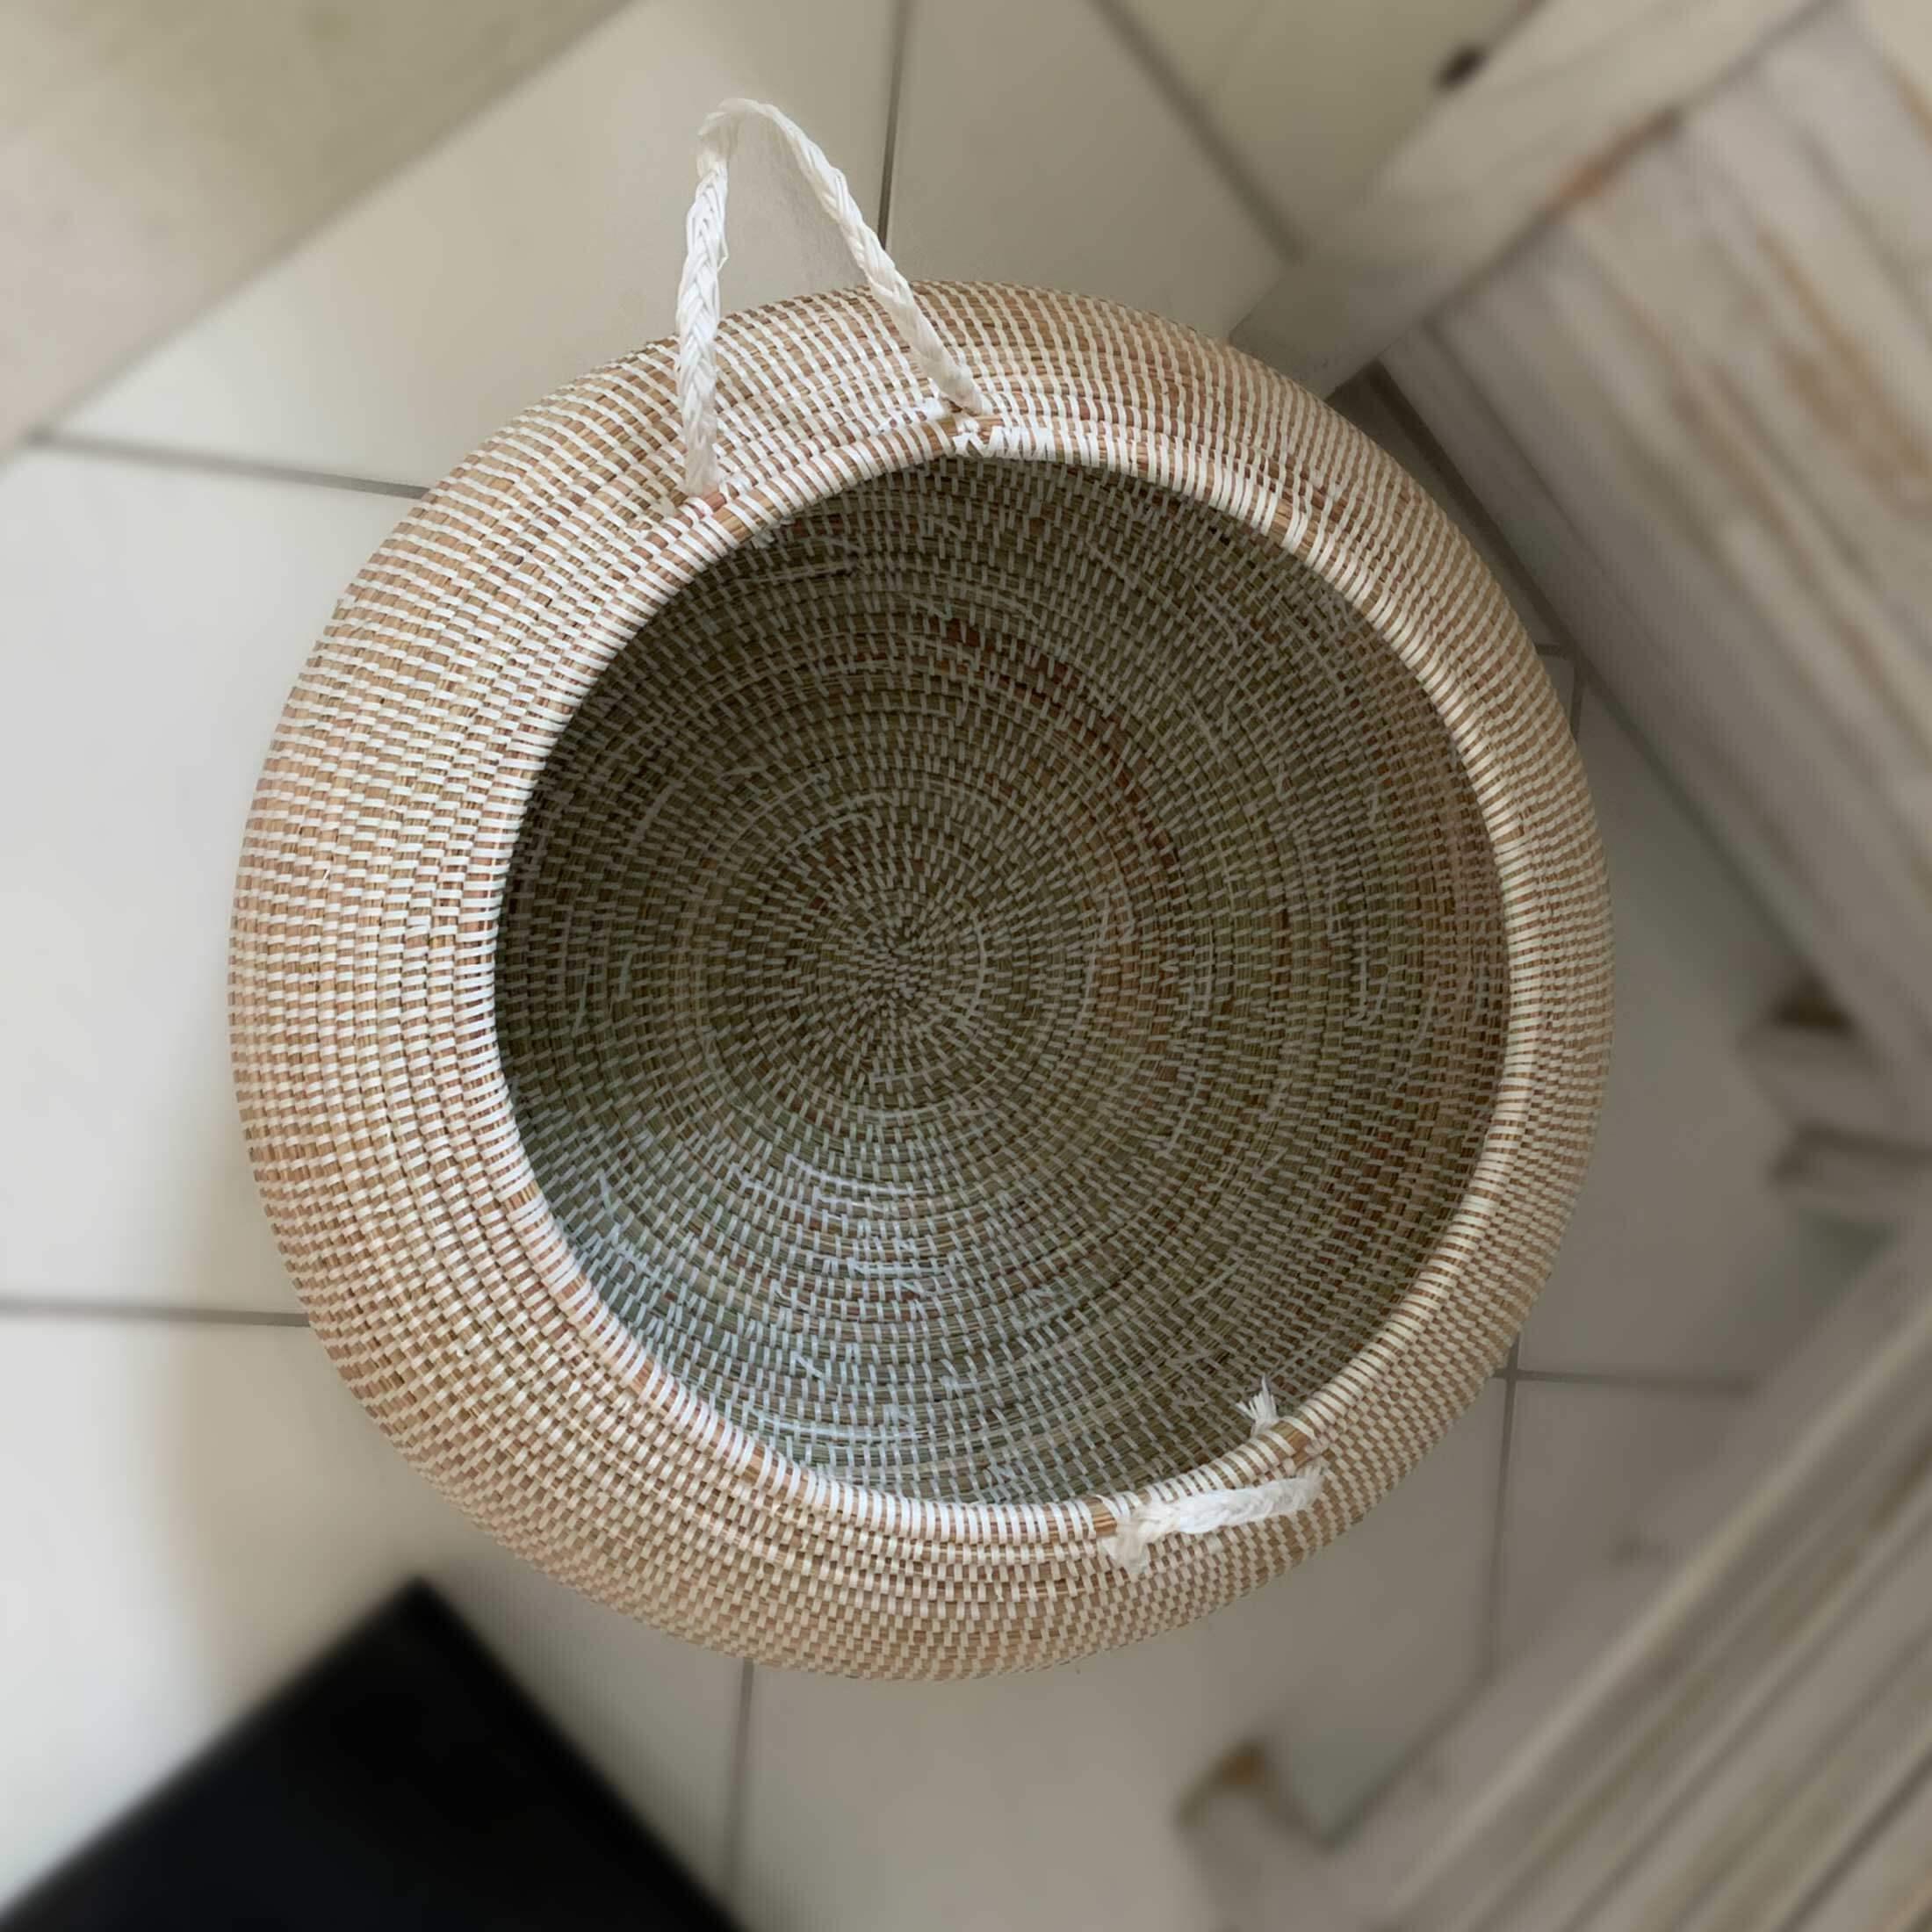 Weißer Deckelkorb für die Wäsche l Weiß und Henkel | Aus Seegras & weißem Band, Deckelkorb | Runder Korb als Wäschekorb oder zur Aufbewahrung | Onlineshop